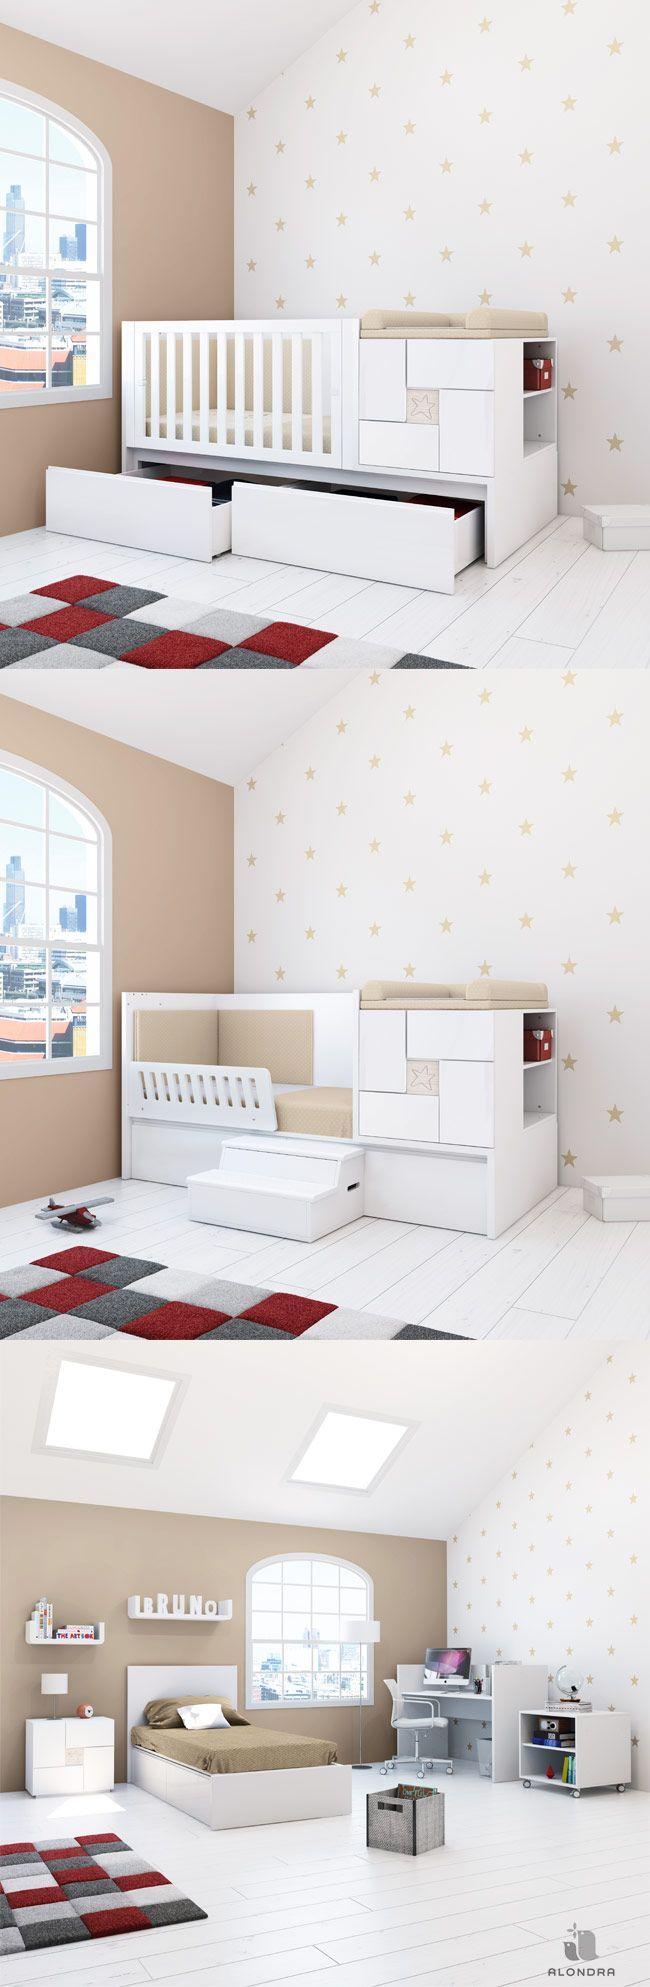 Cunas convertibles en cama de diseño y con encanto. Descubre la colección CLIP de Alondra ¡Una solución de largo recorrido!  Modern convertible crib for babies ¡You'll love it!